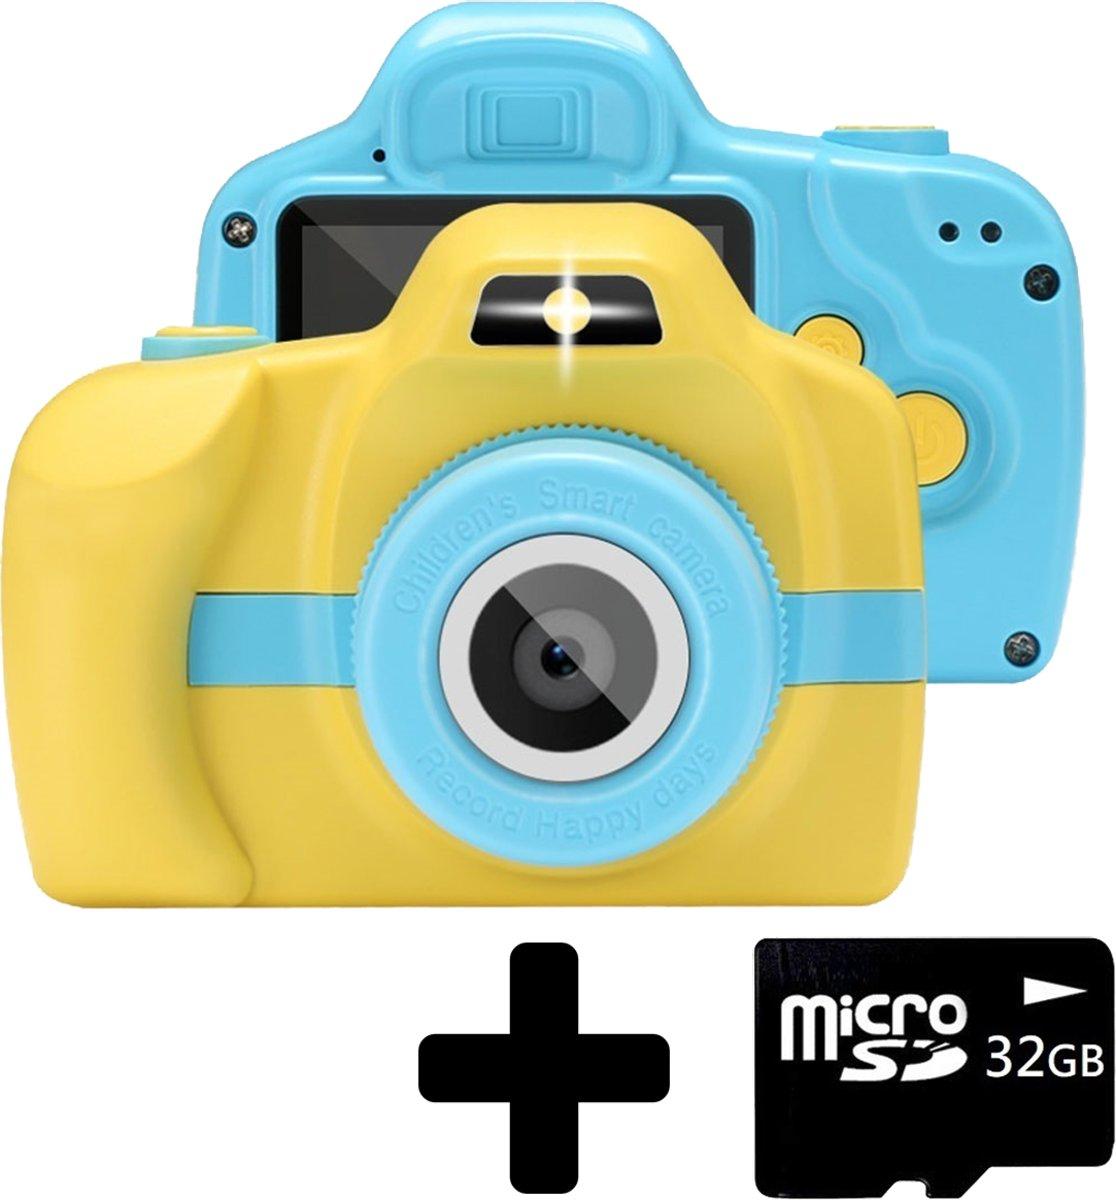 Kindercamera Camera Voor Kinderen Video + 32GB SD kaart - Geel/Blauw